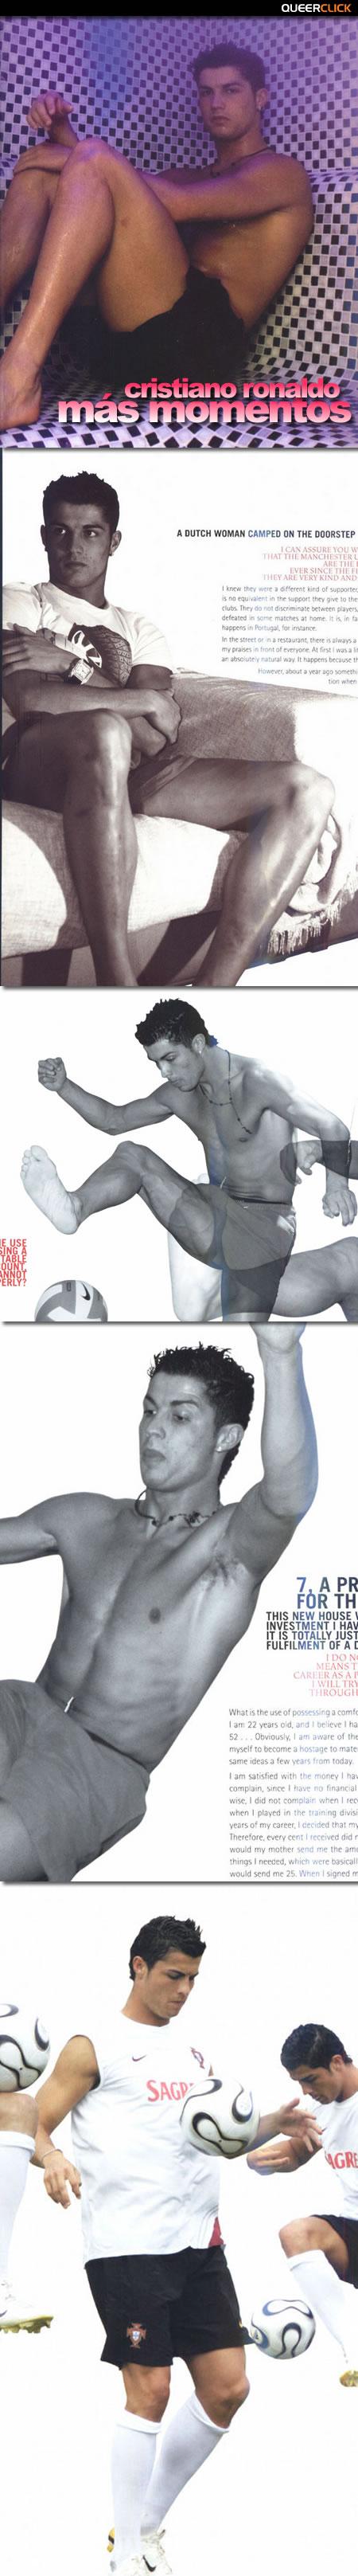 Más Momentos de Cristiano Ronaldo